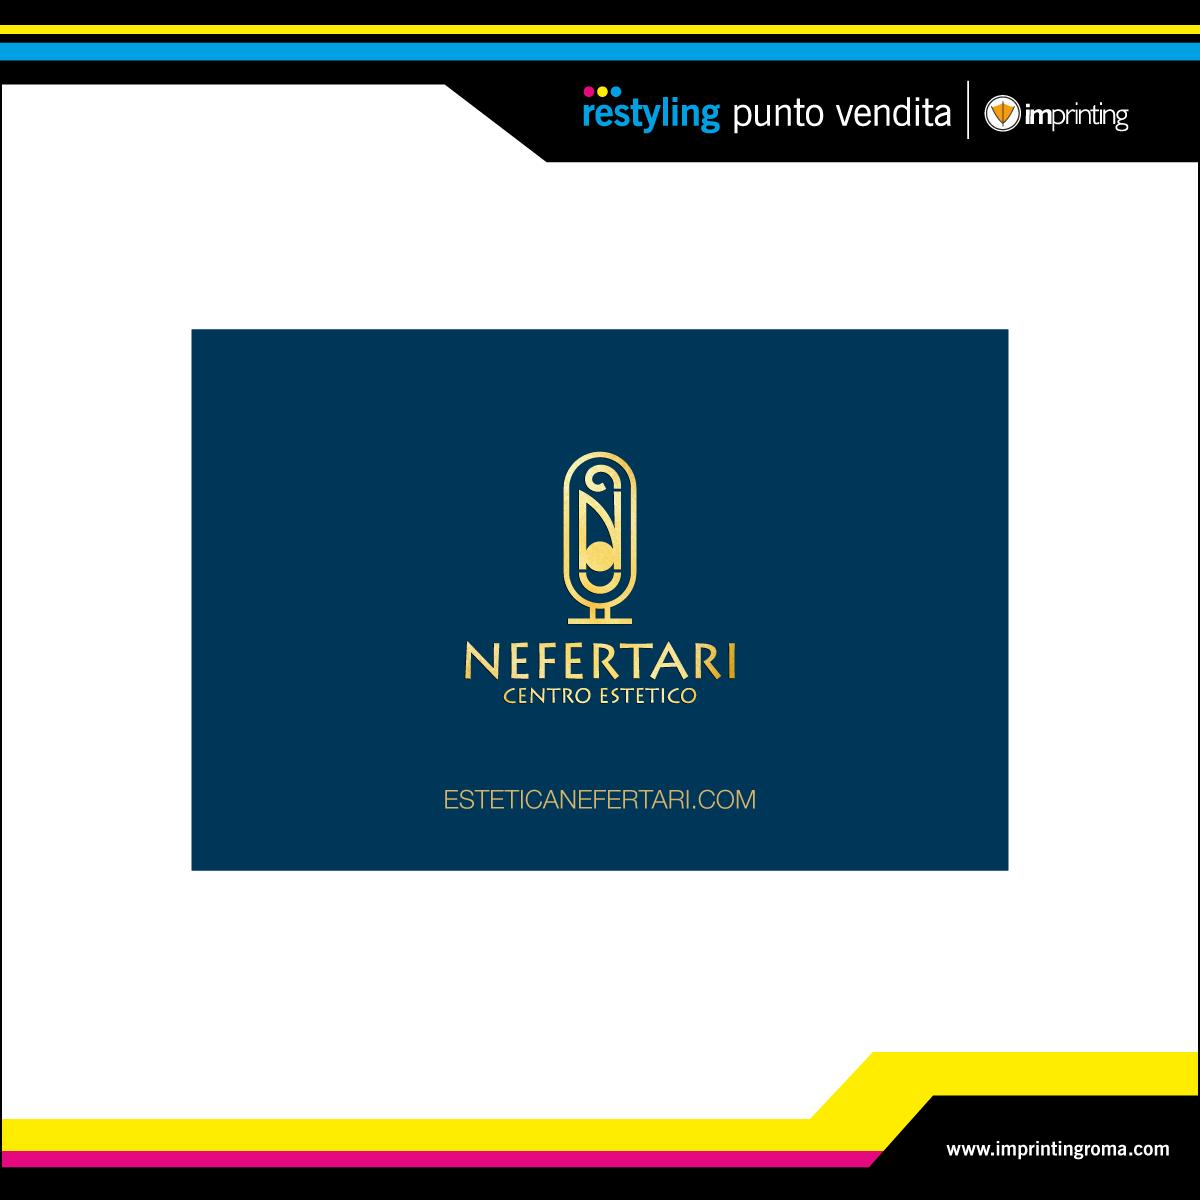 Studio del marchio - Nefertari Centro Estetico